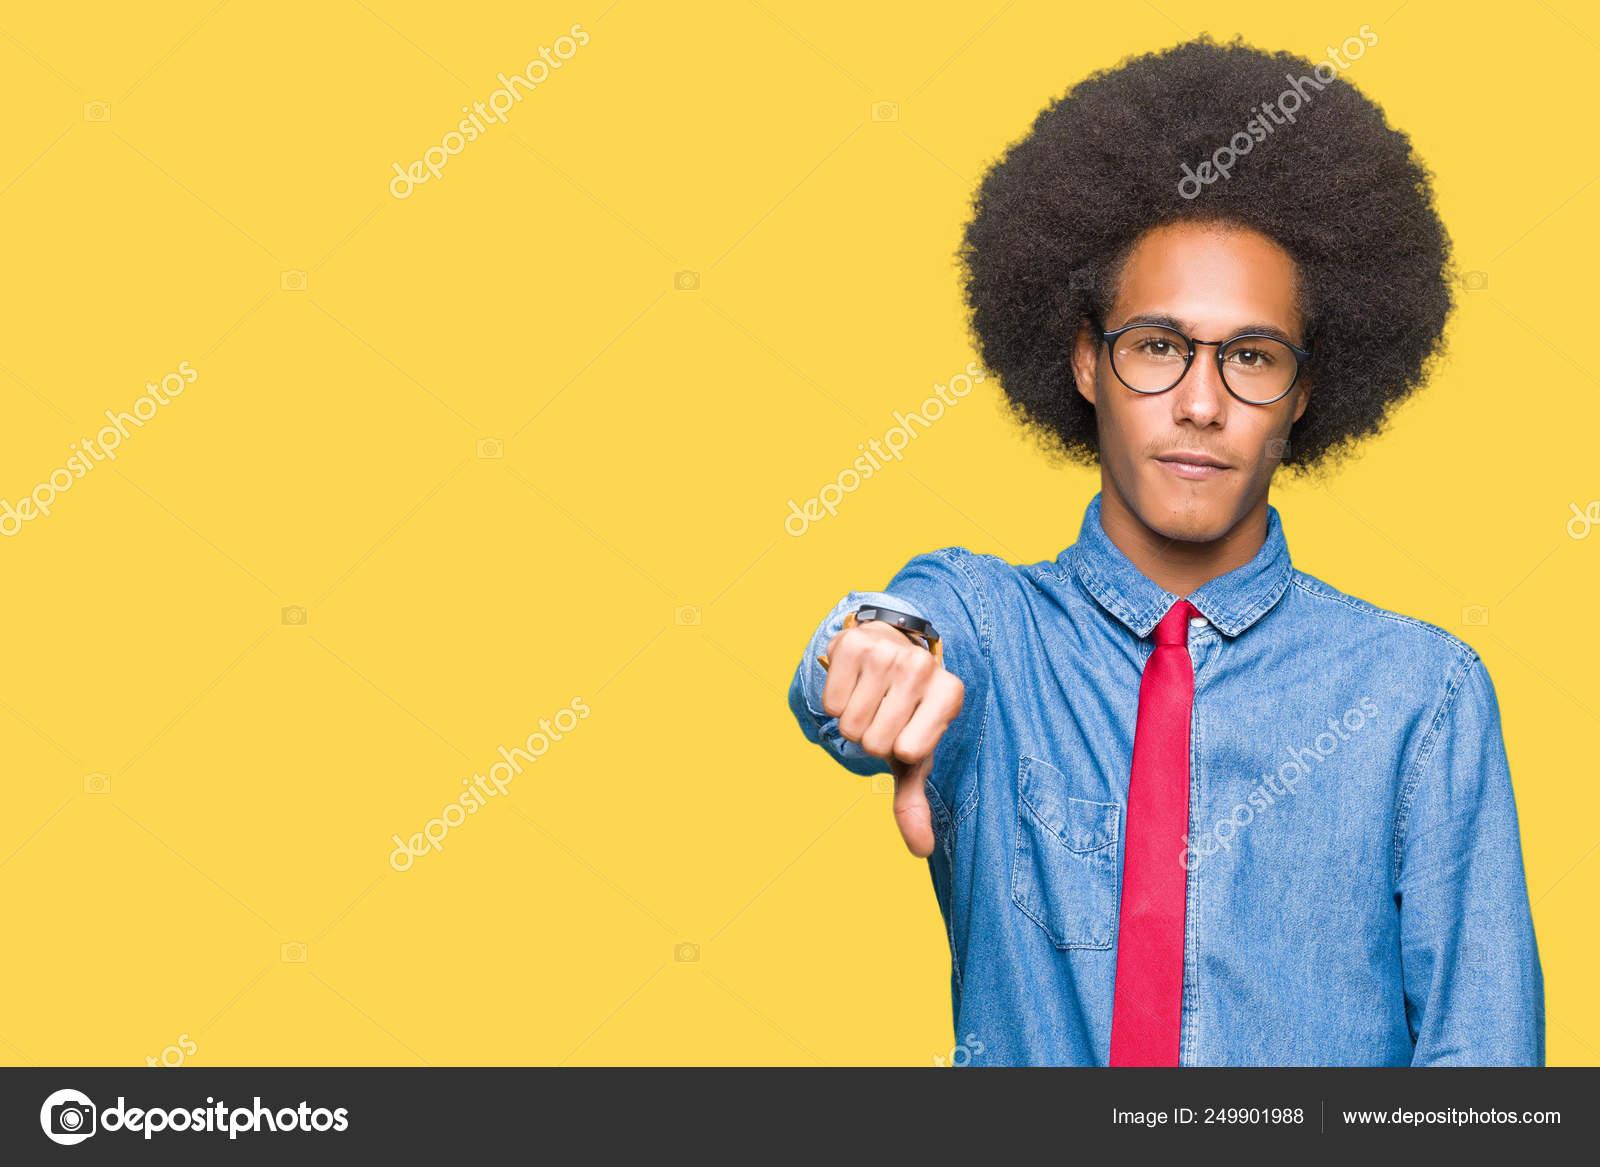 Hombre Negocios Afroamericano Joven Con Pelo Afro Con Gafas